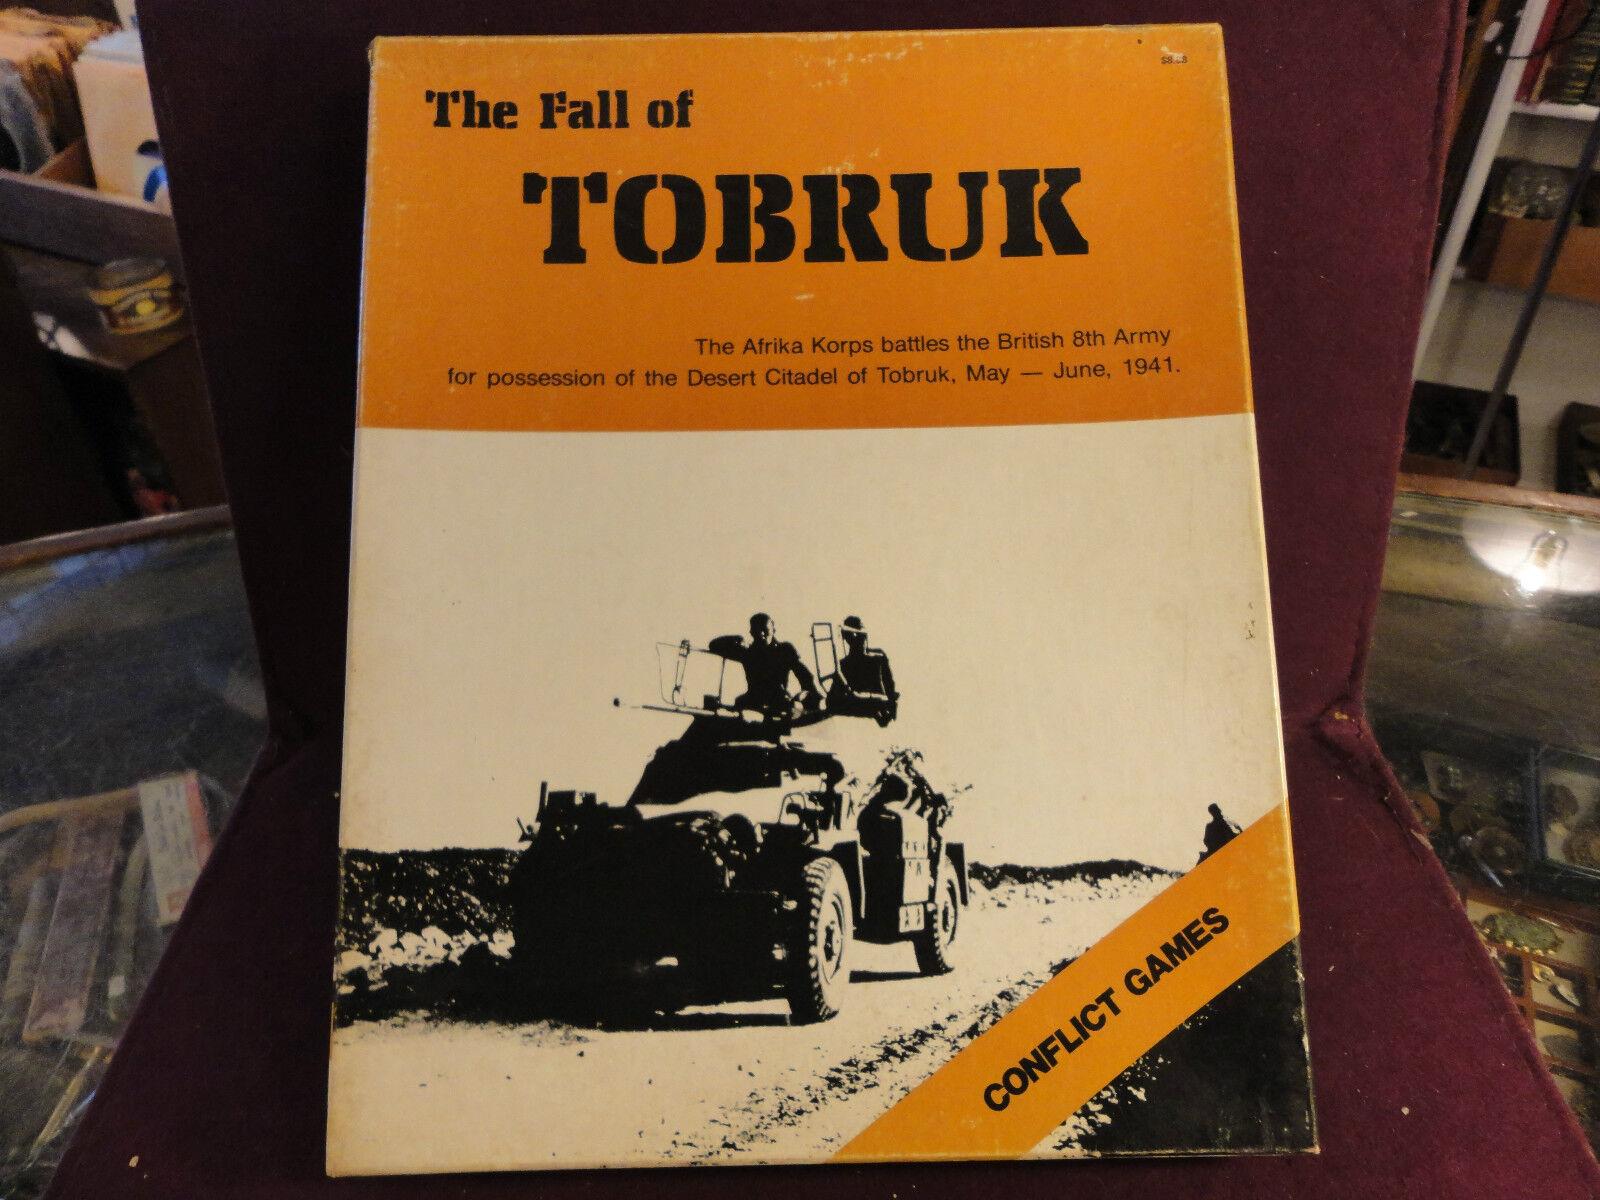 La caída de Tobruk   mayo-junio 1941 por conflictos Juego